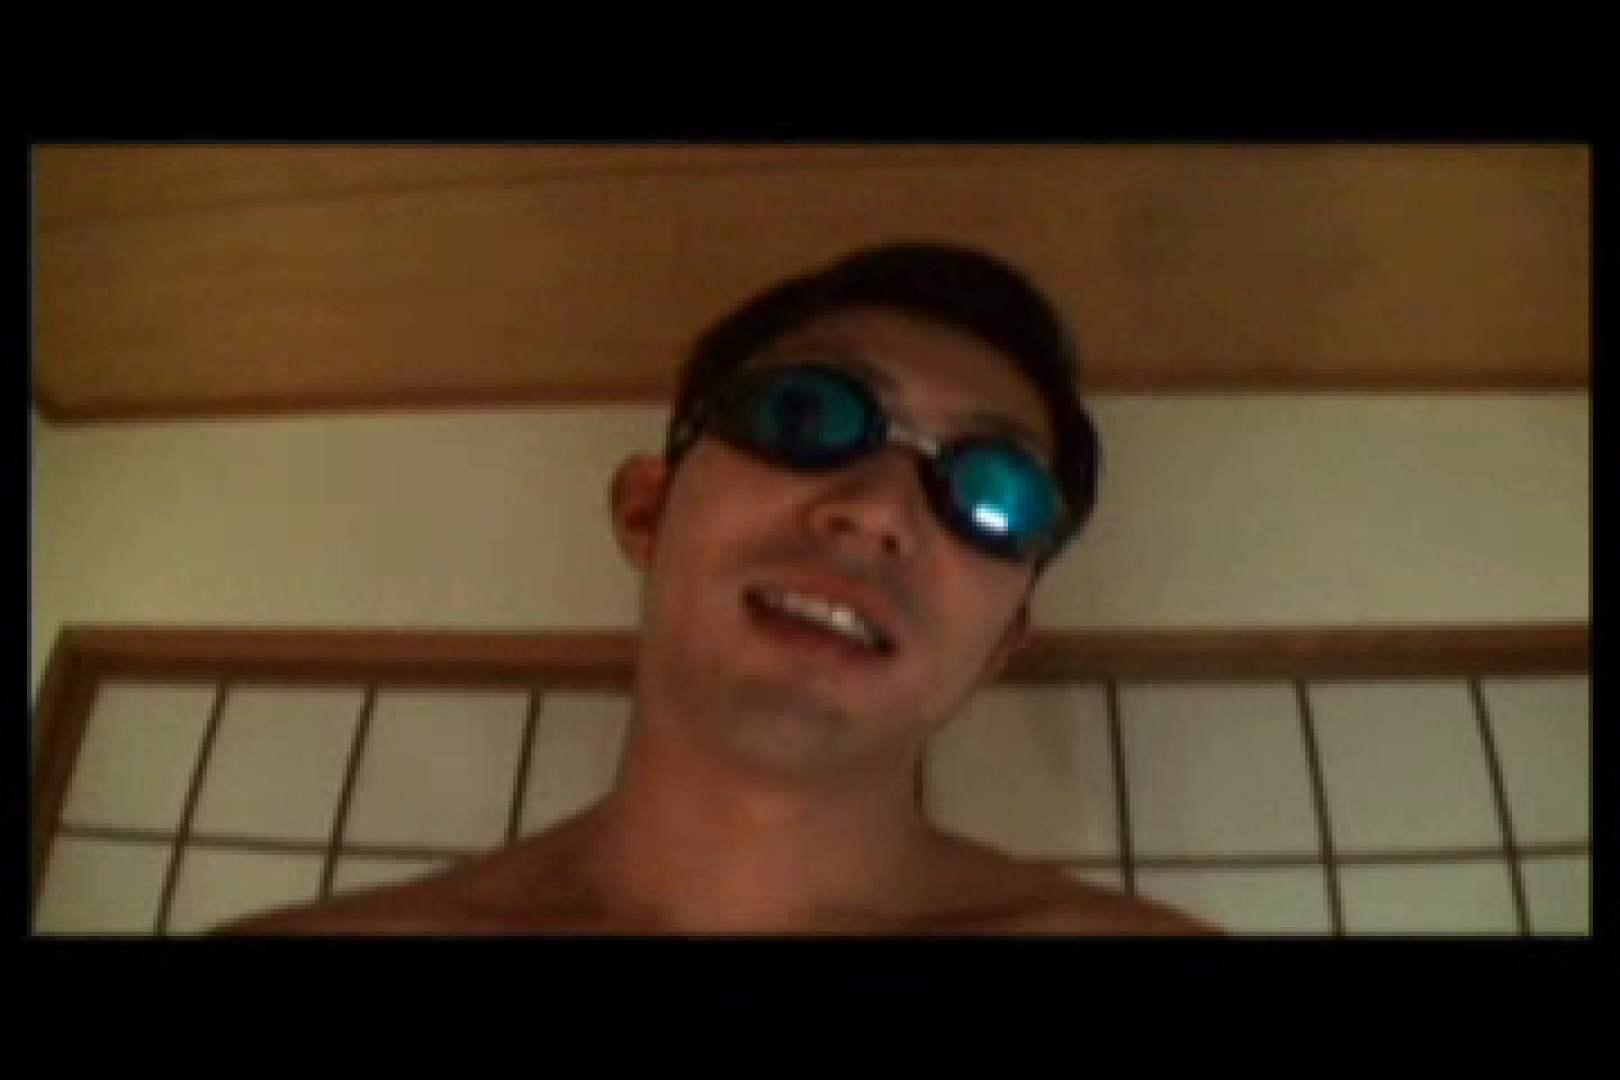 スジ筋ガチムチゴーグルマンvol2 手淫 | マッチョ特集 AV動画 82枚 13